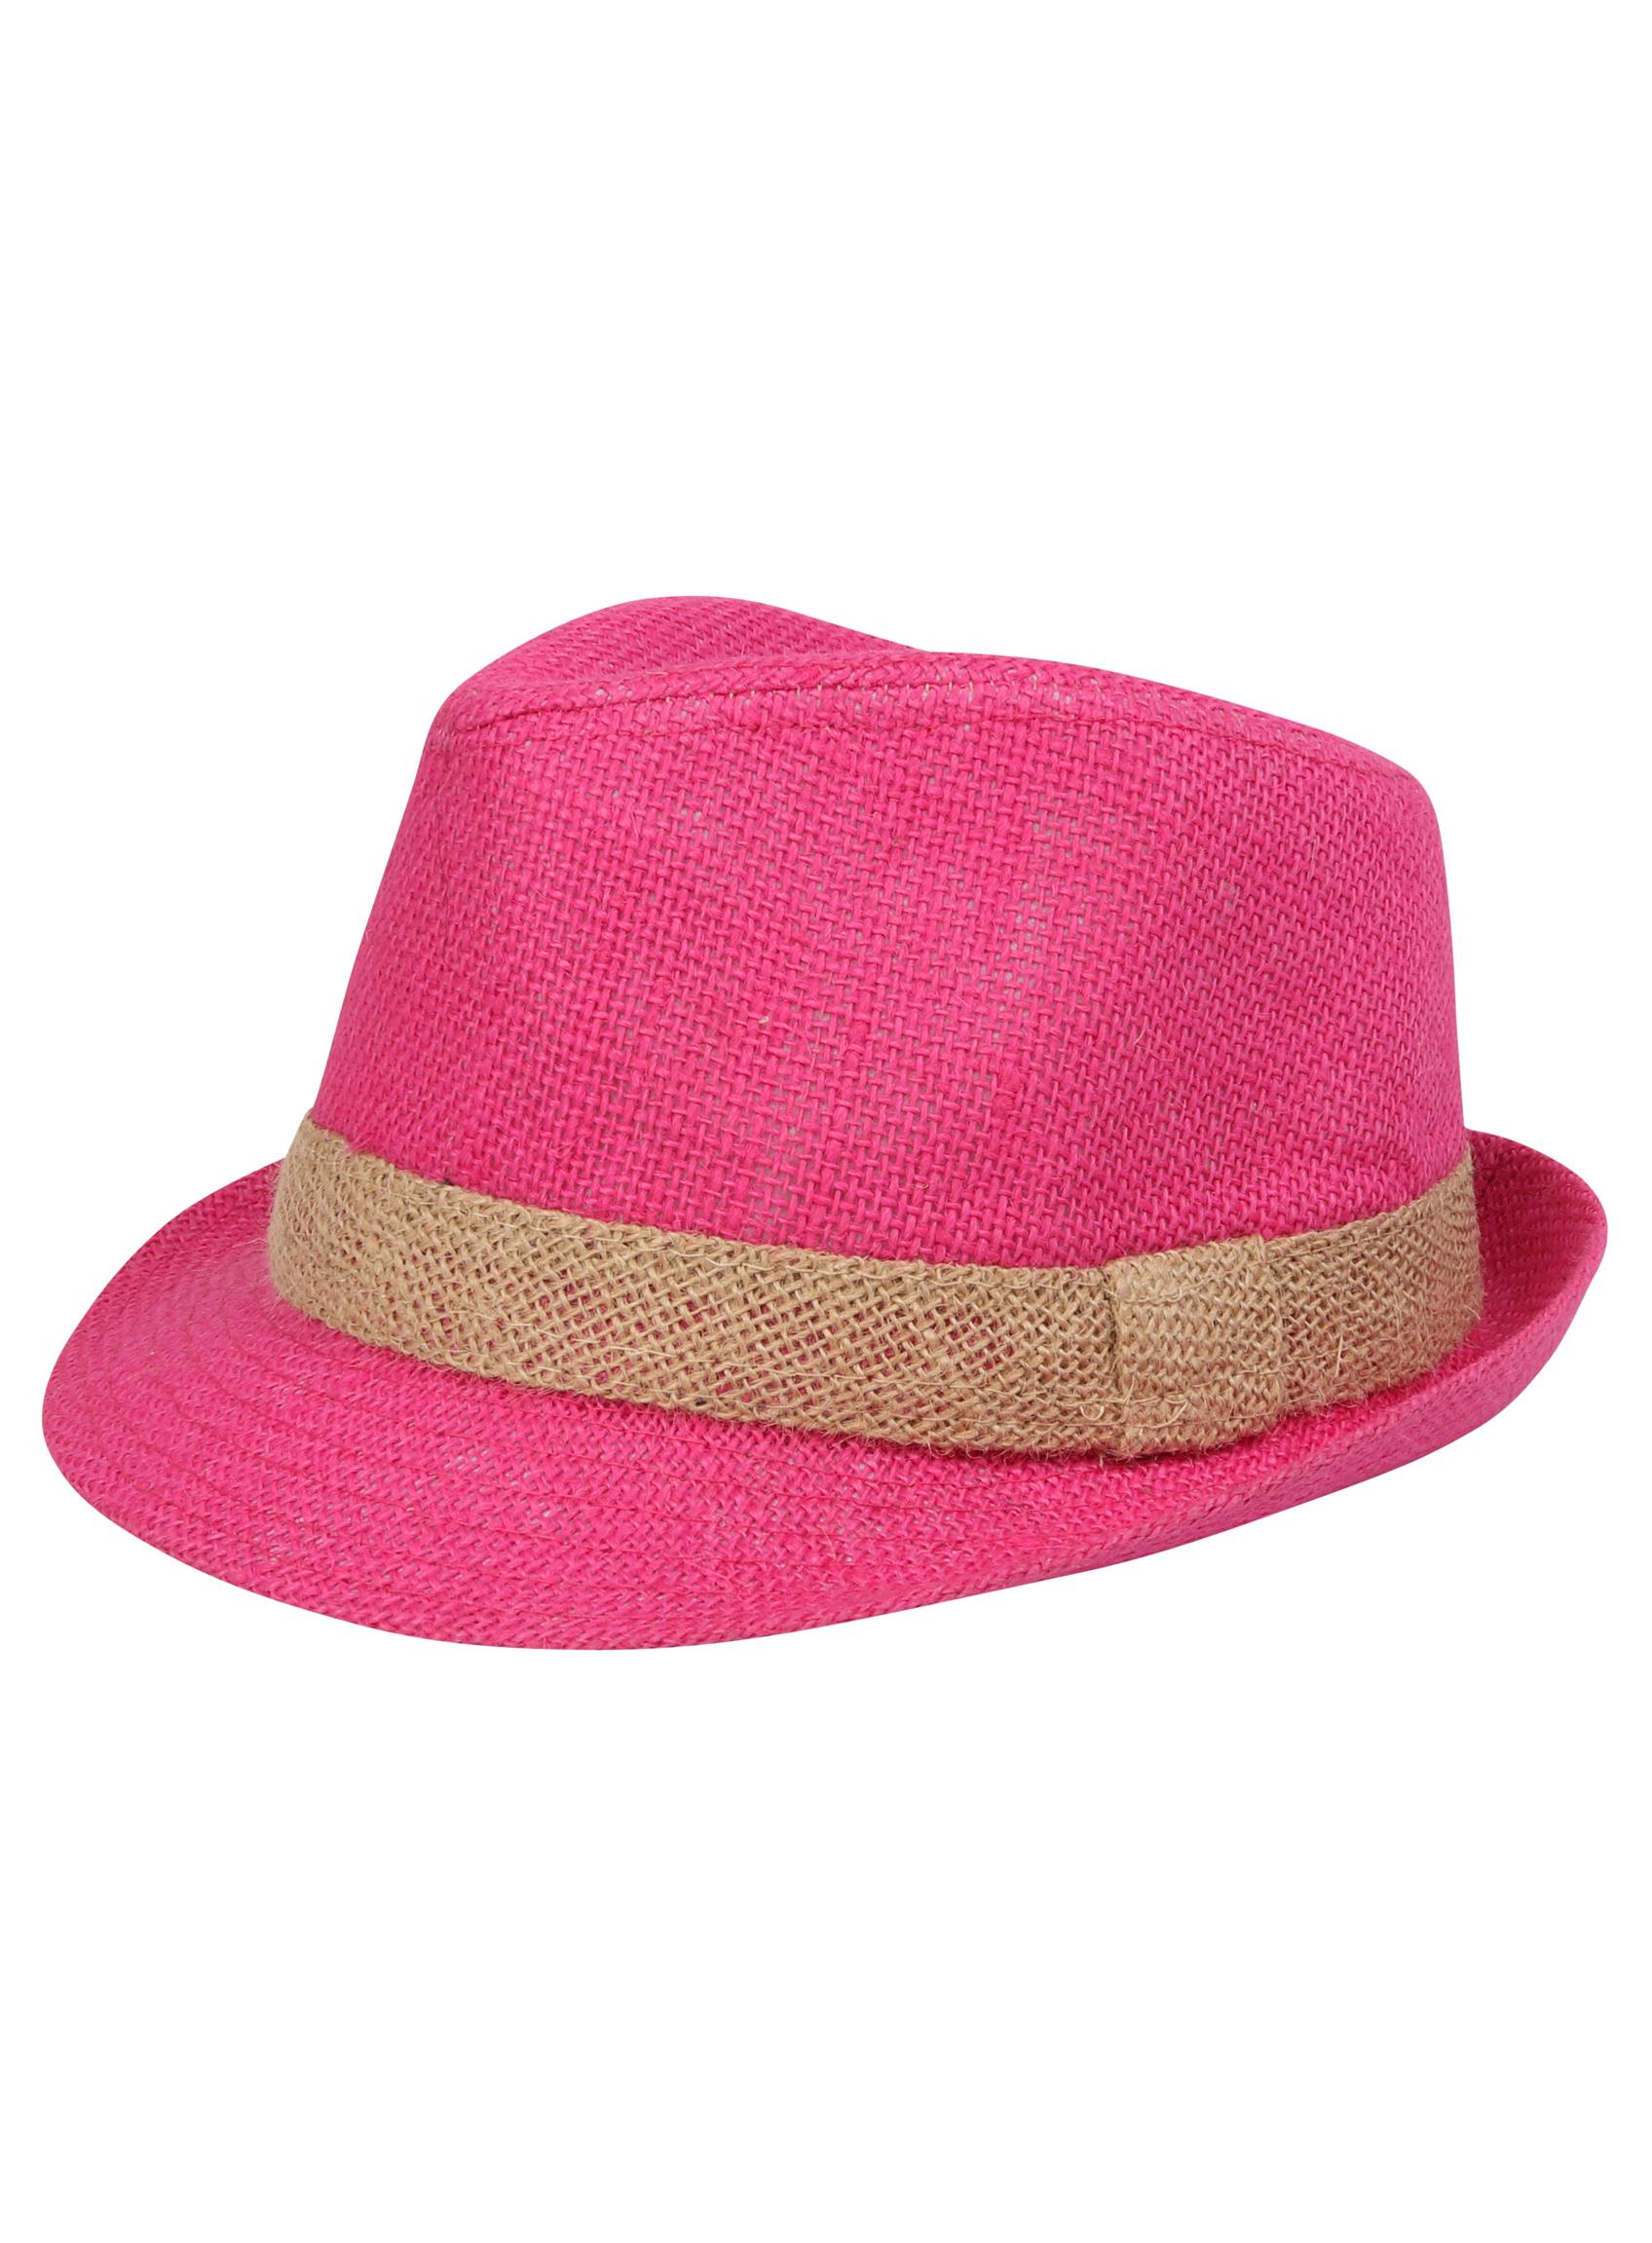 WITHMOONS Casquette de Baseball Womens Summer Sun Visor Foldable Beach Hat SLV1039